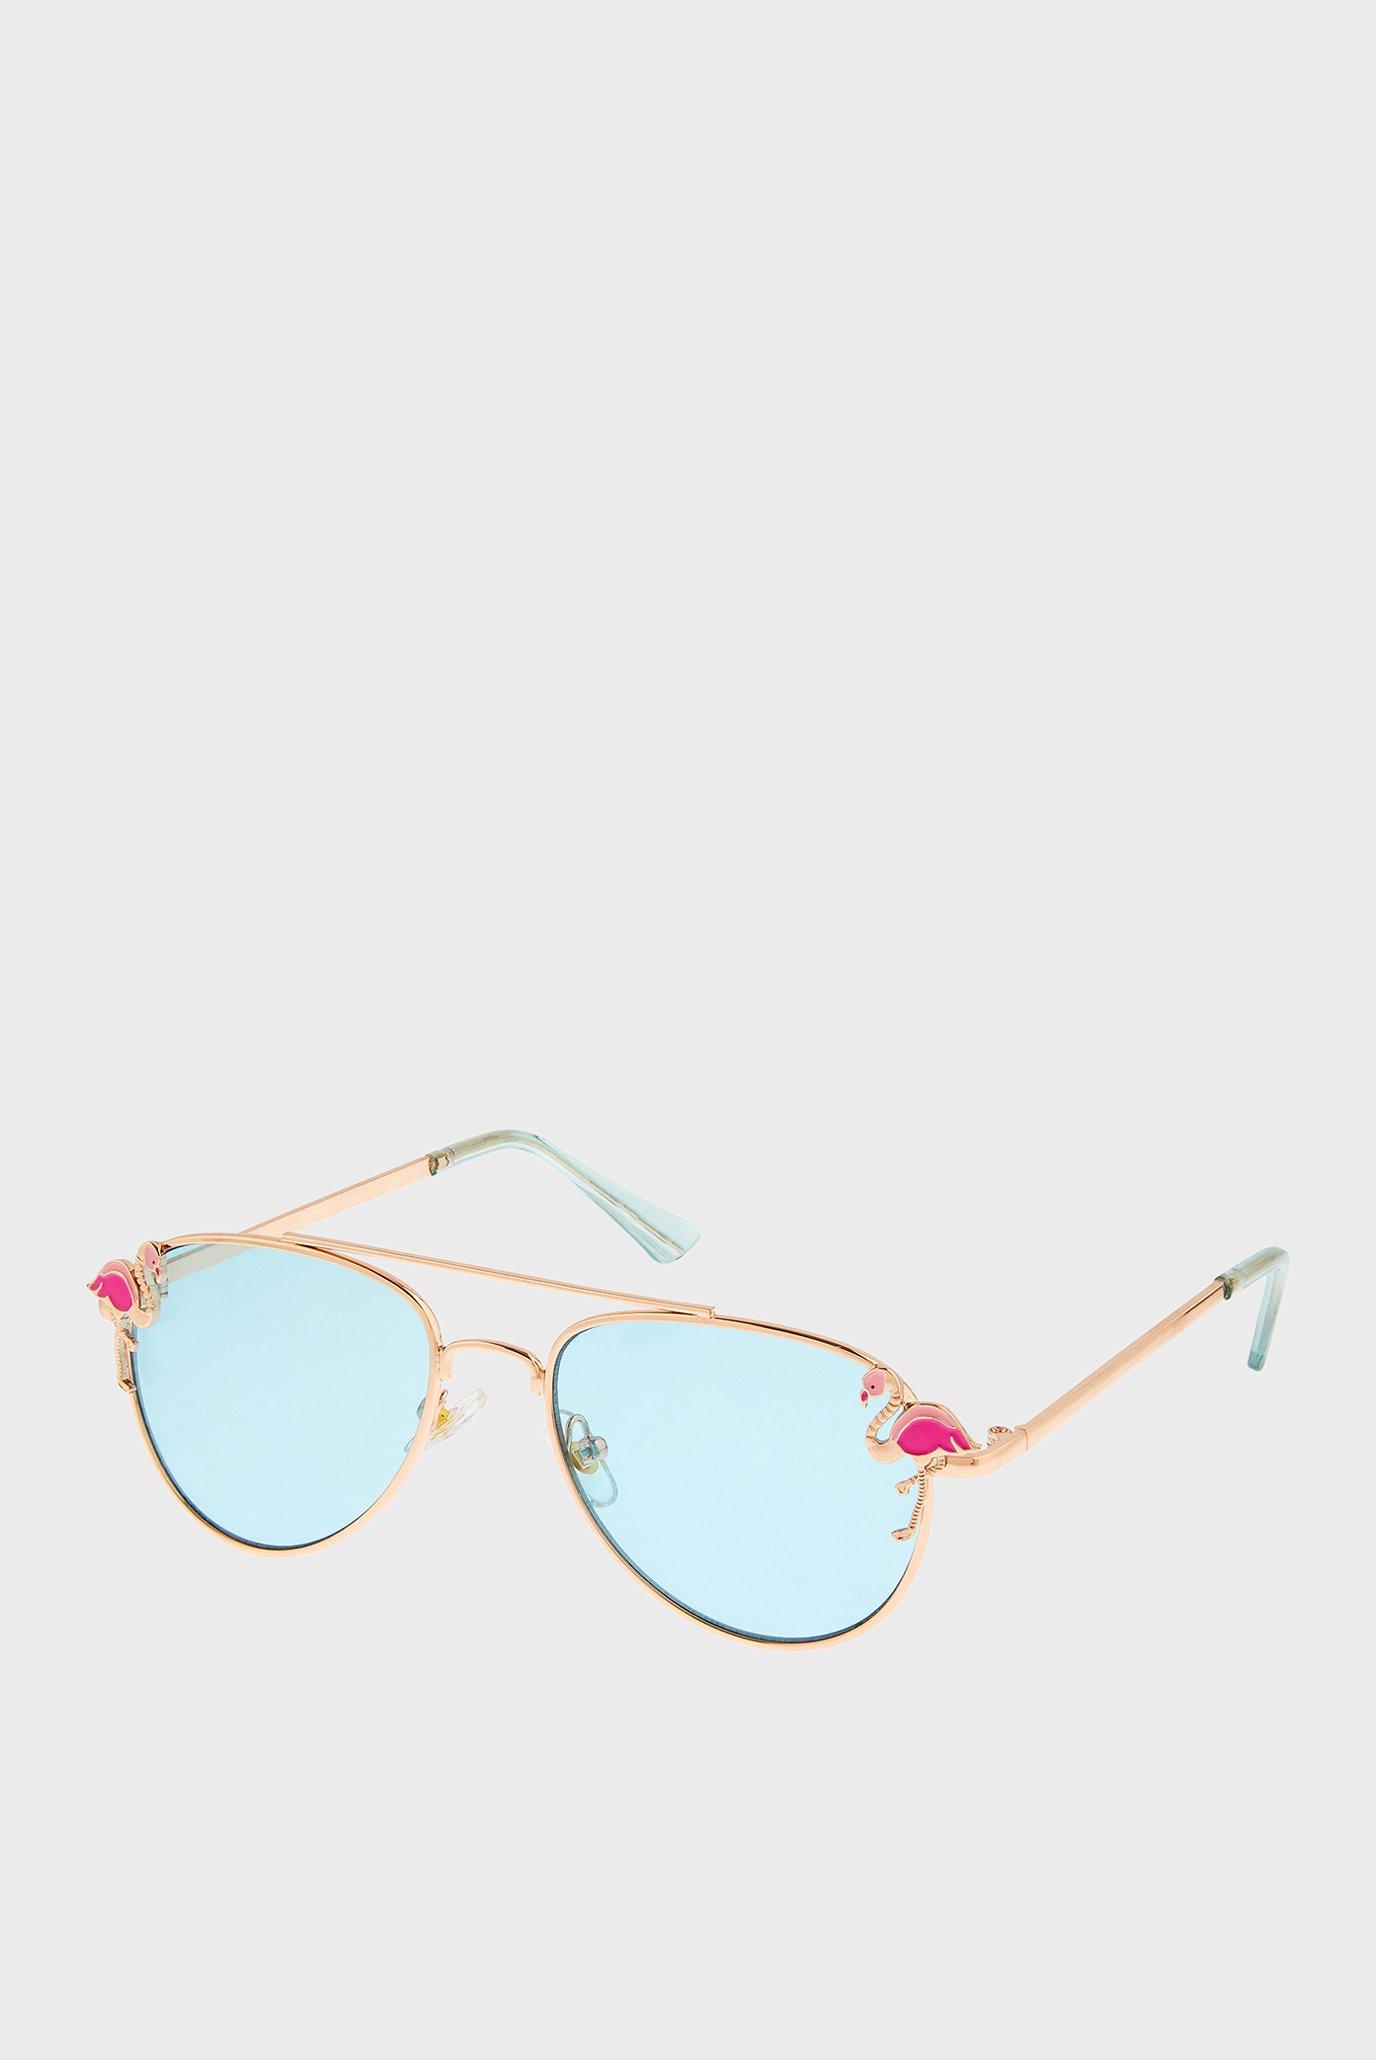 Дитячі золотисті окуляри FLAMINGO AVIATOR 1